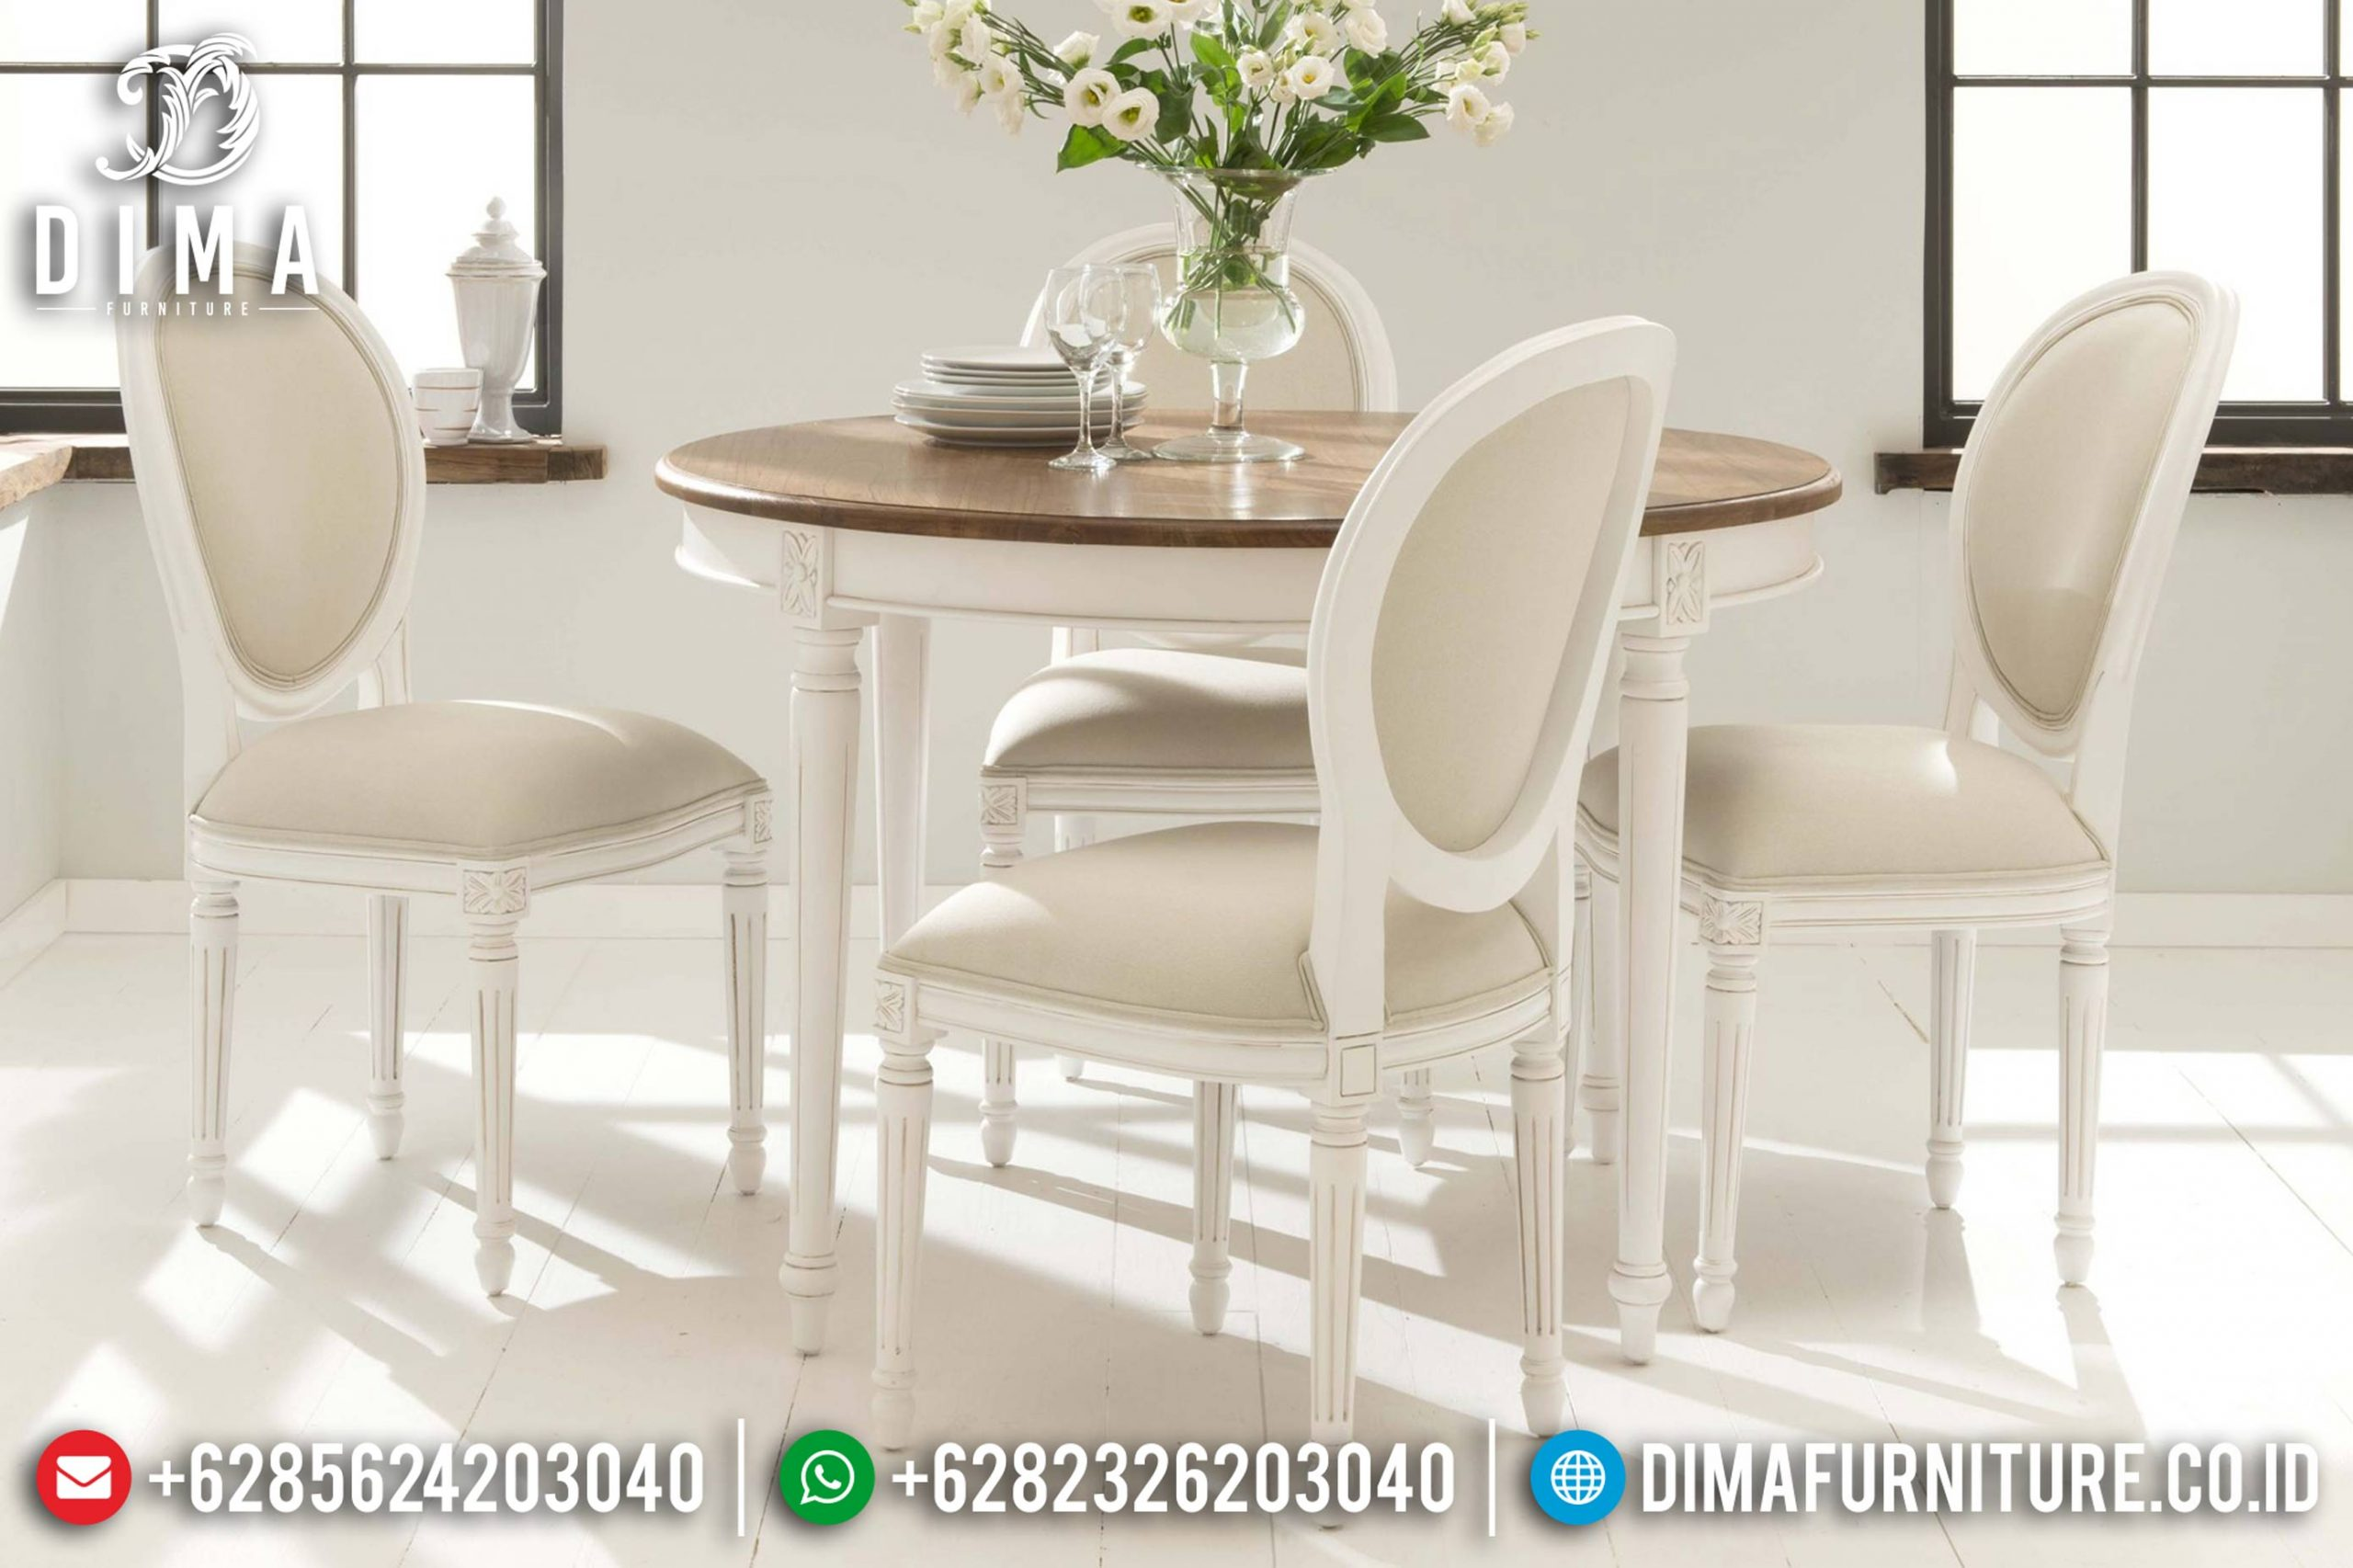 Meja Makan Minimalis Duco, Meja Makan Jepara Terbaru, Mebel Murah Jepara Mm-0334